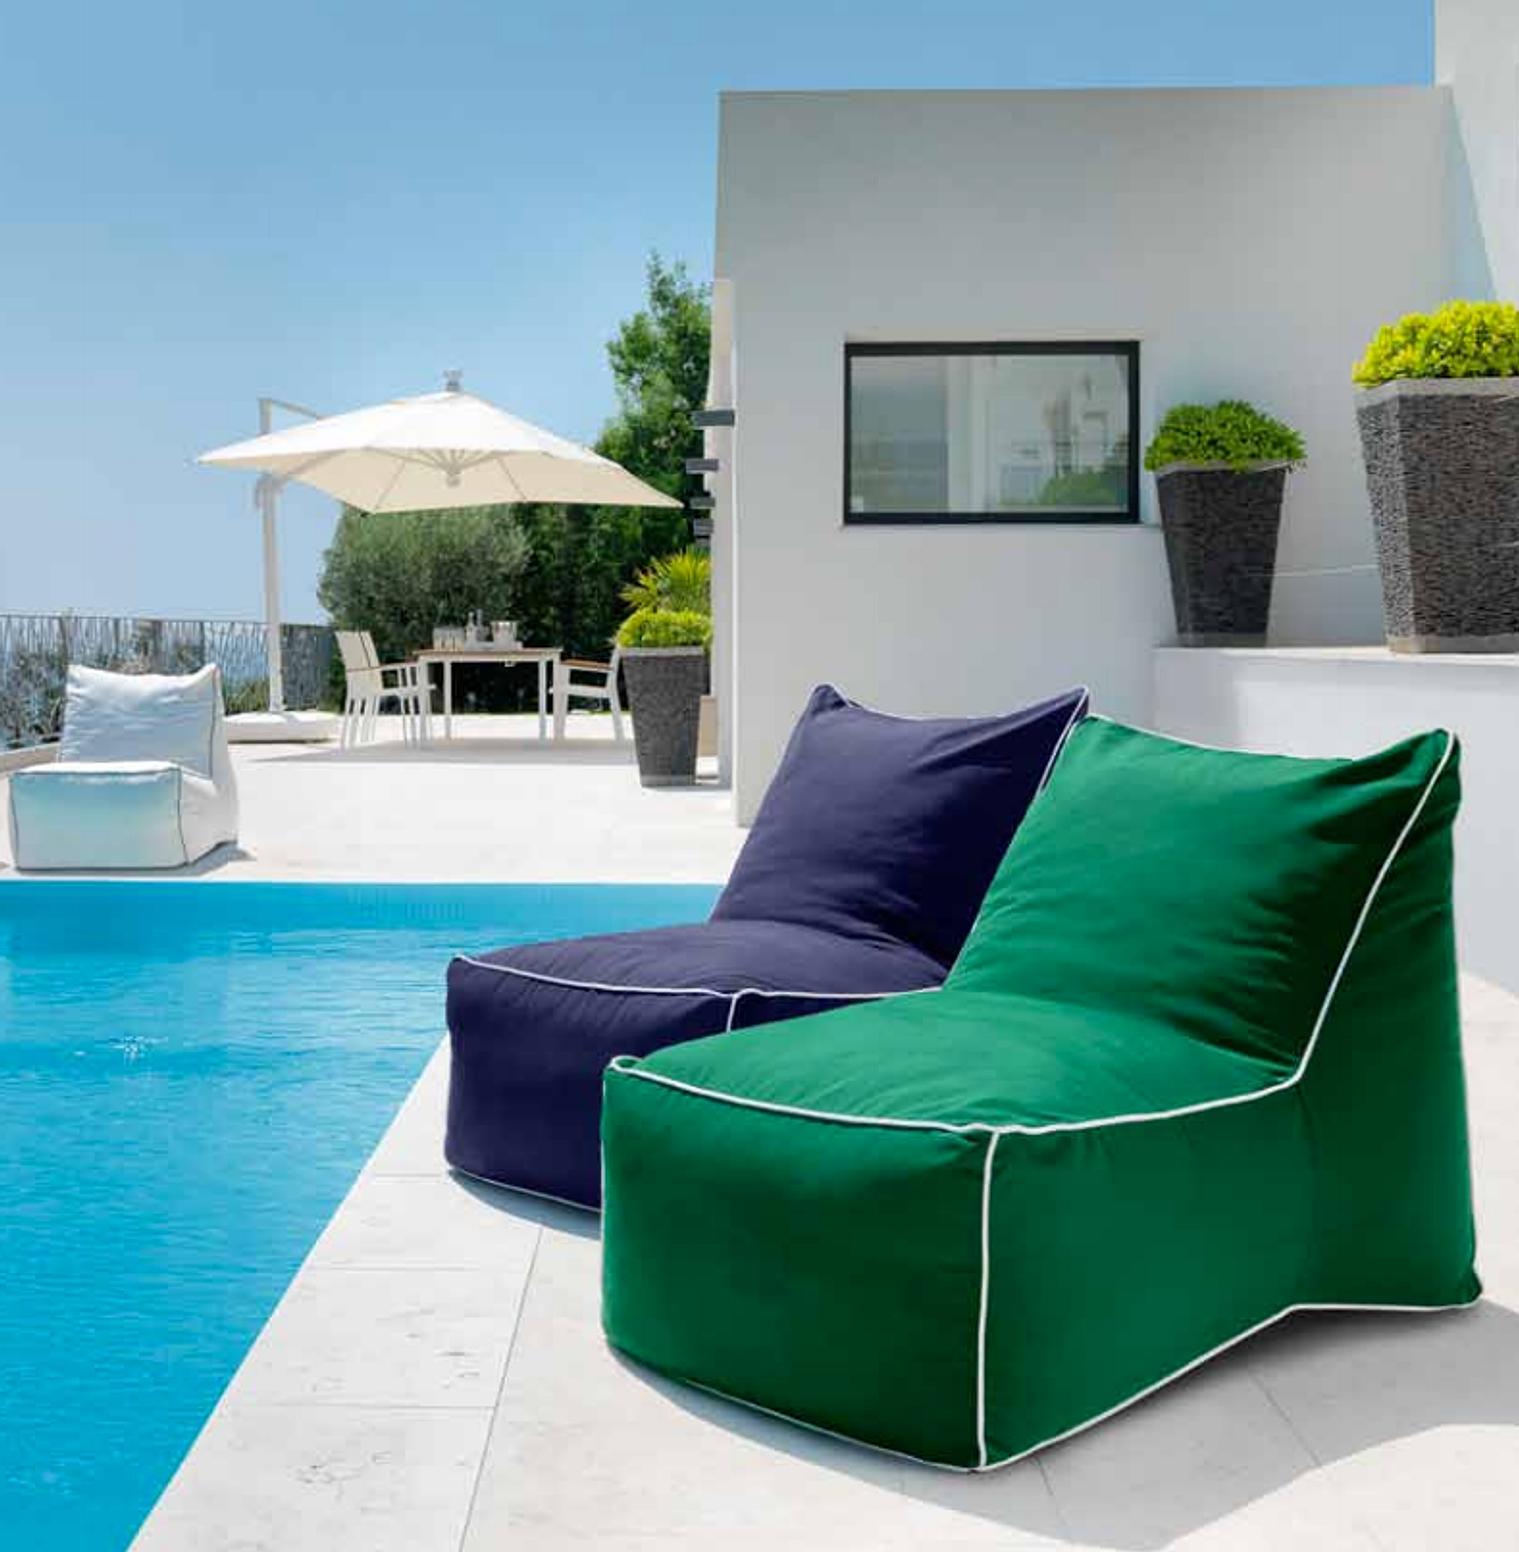 home-interni-design   ESTERNI